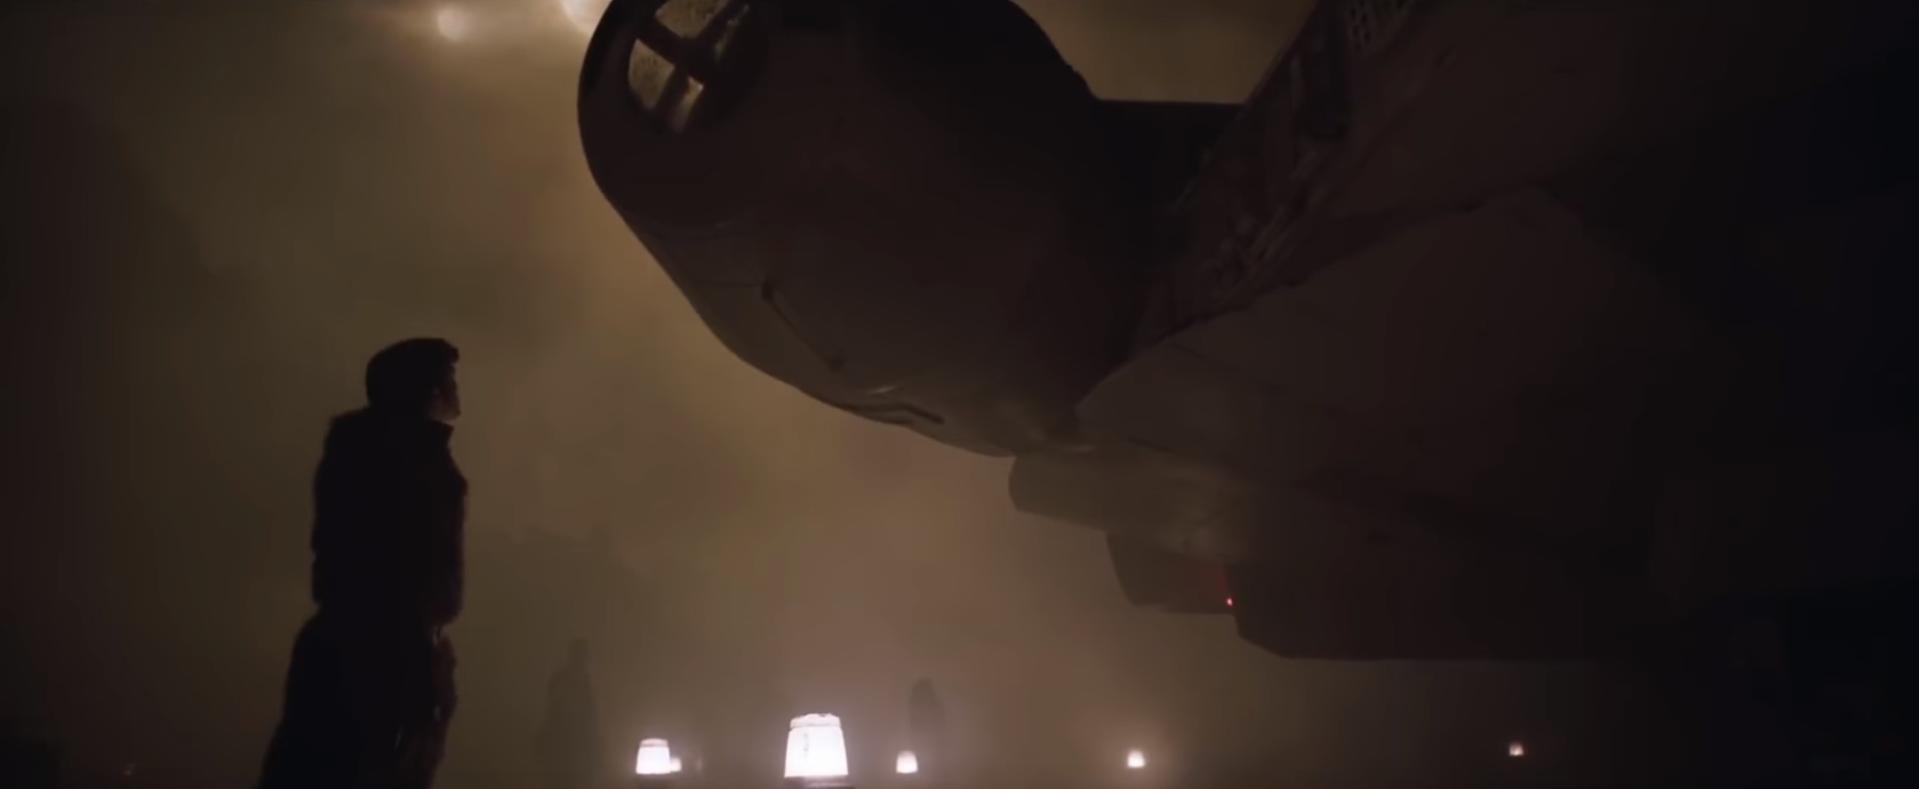 Han Solo csodálja leendő vagy új hajóját.